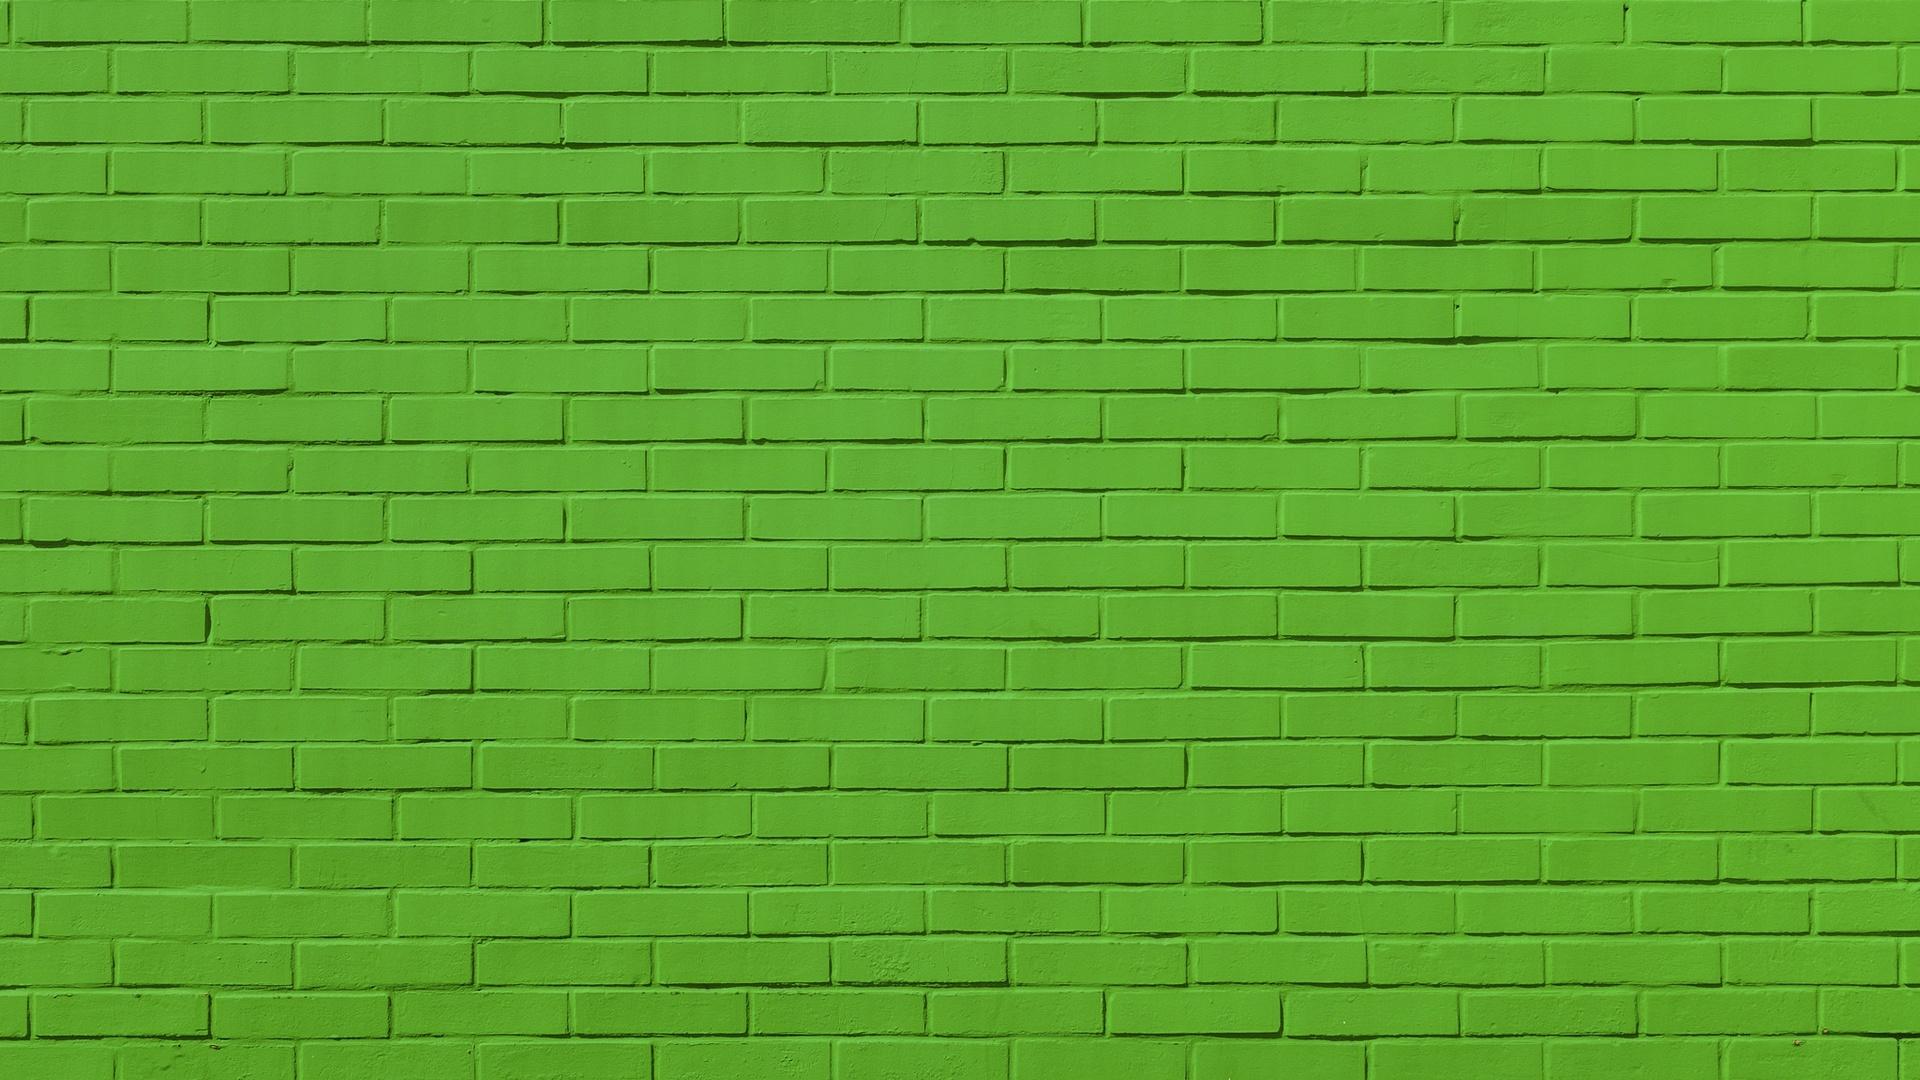 Wallpapers Hd Hulk 1920x1080 Green Bricks Wall Laptop Full Hd 1080p Hd 4k